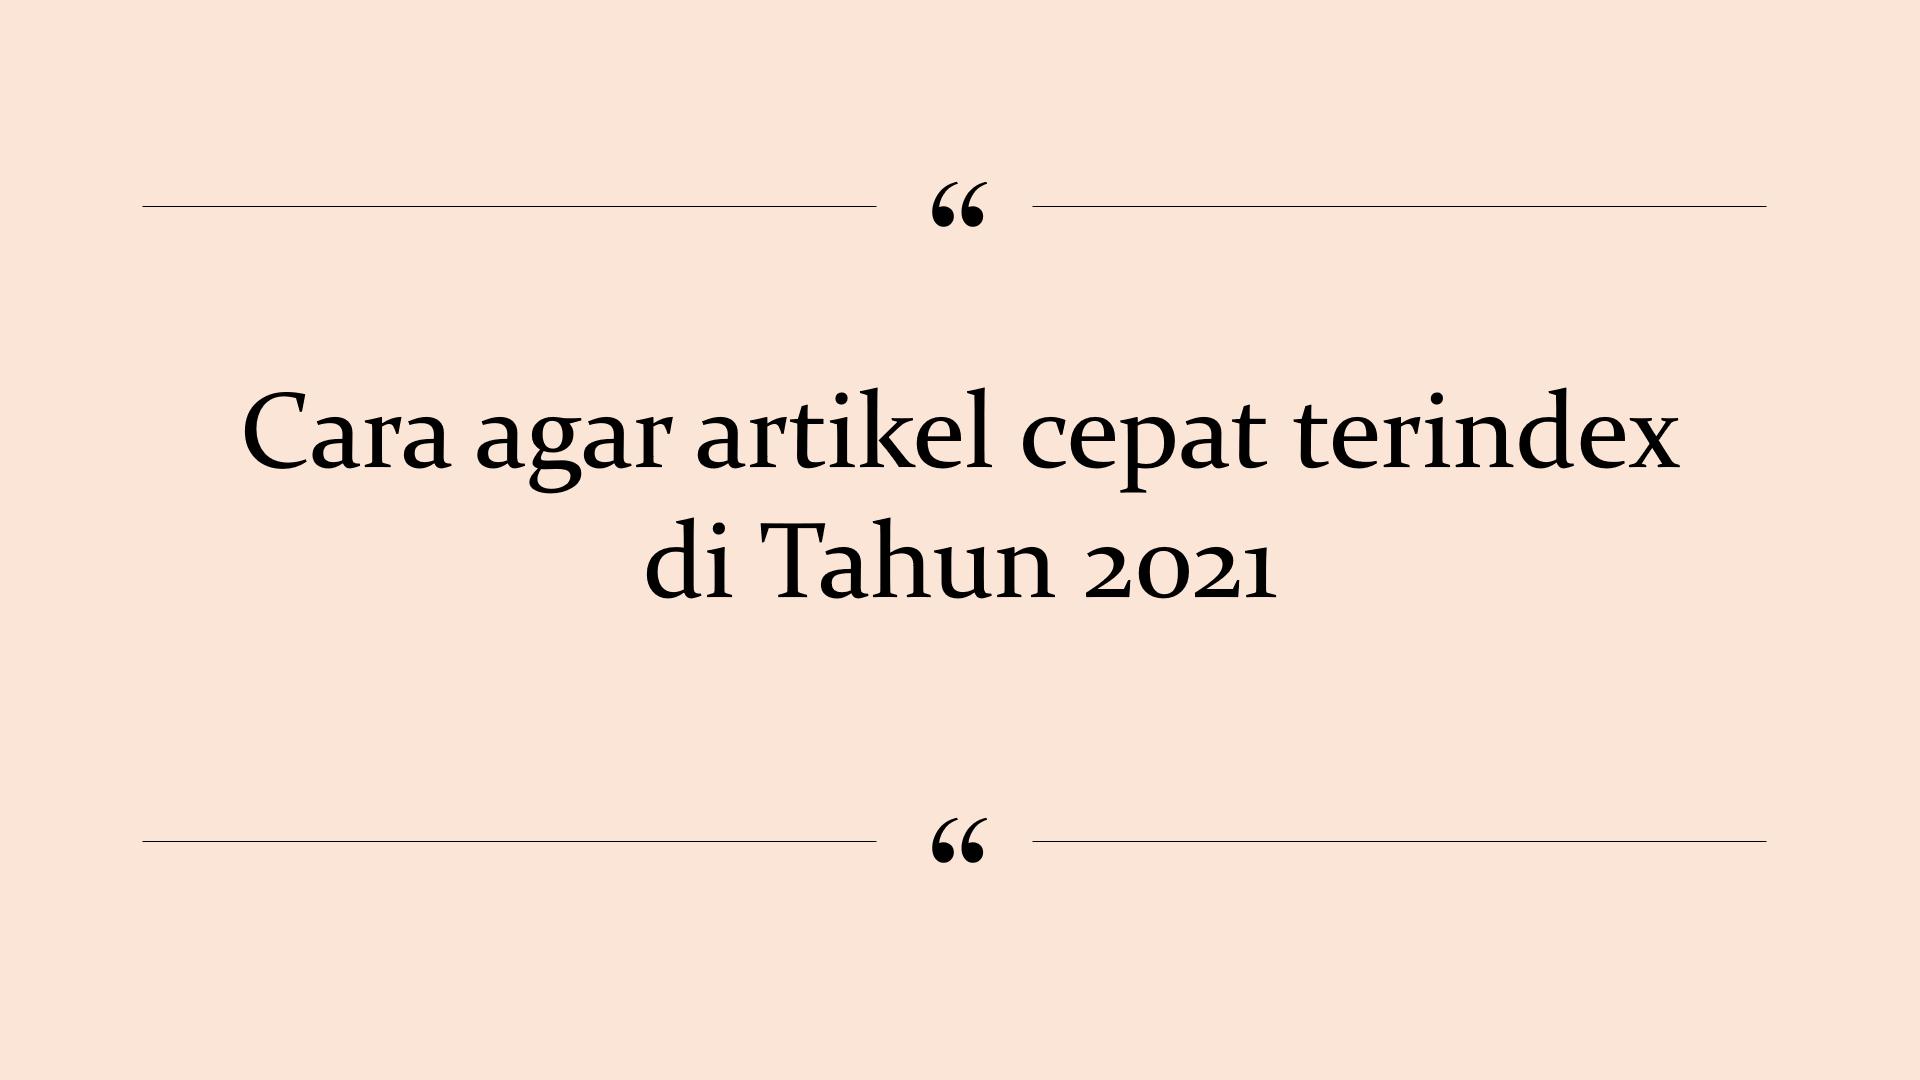 Cara terbaru agar artikel cepat terindex tahun 2021